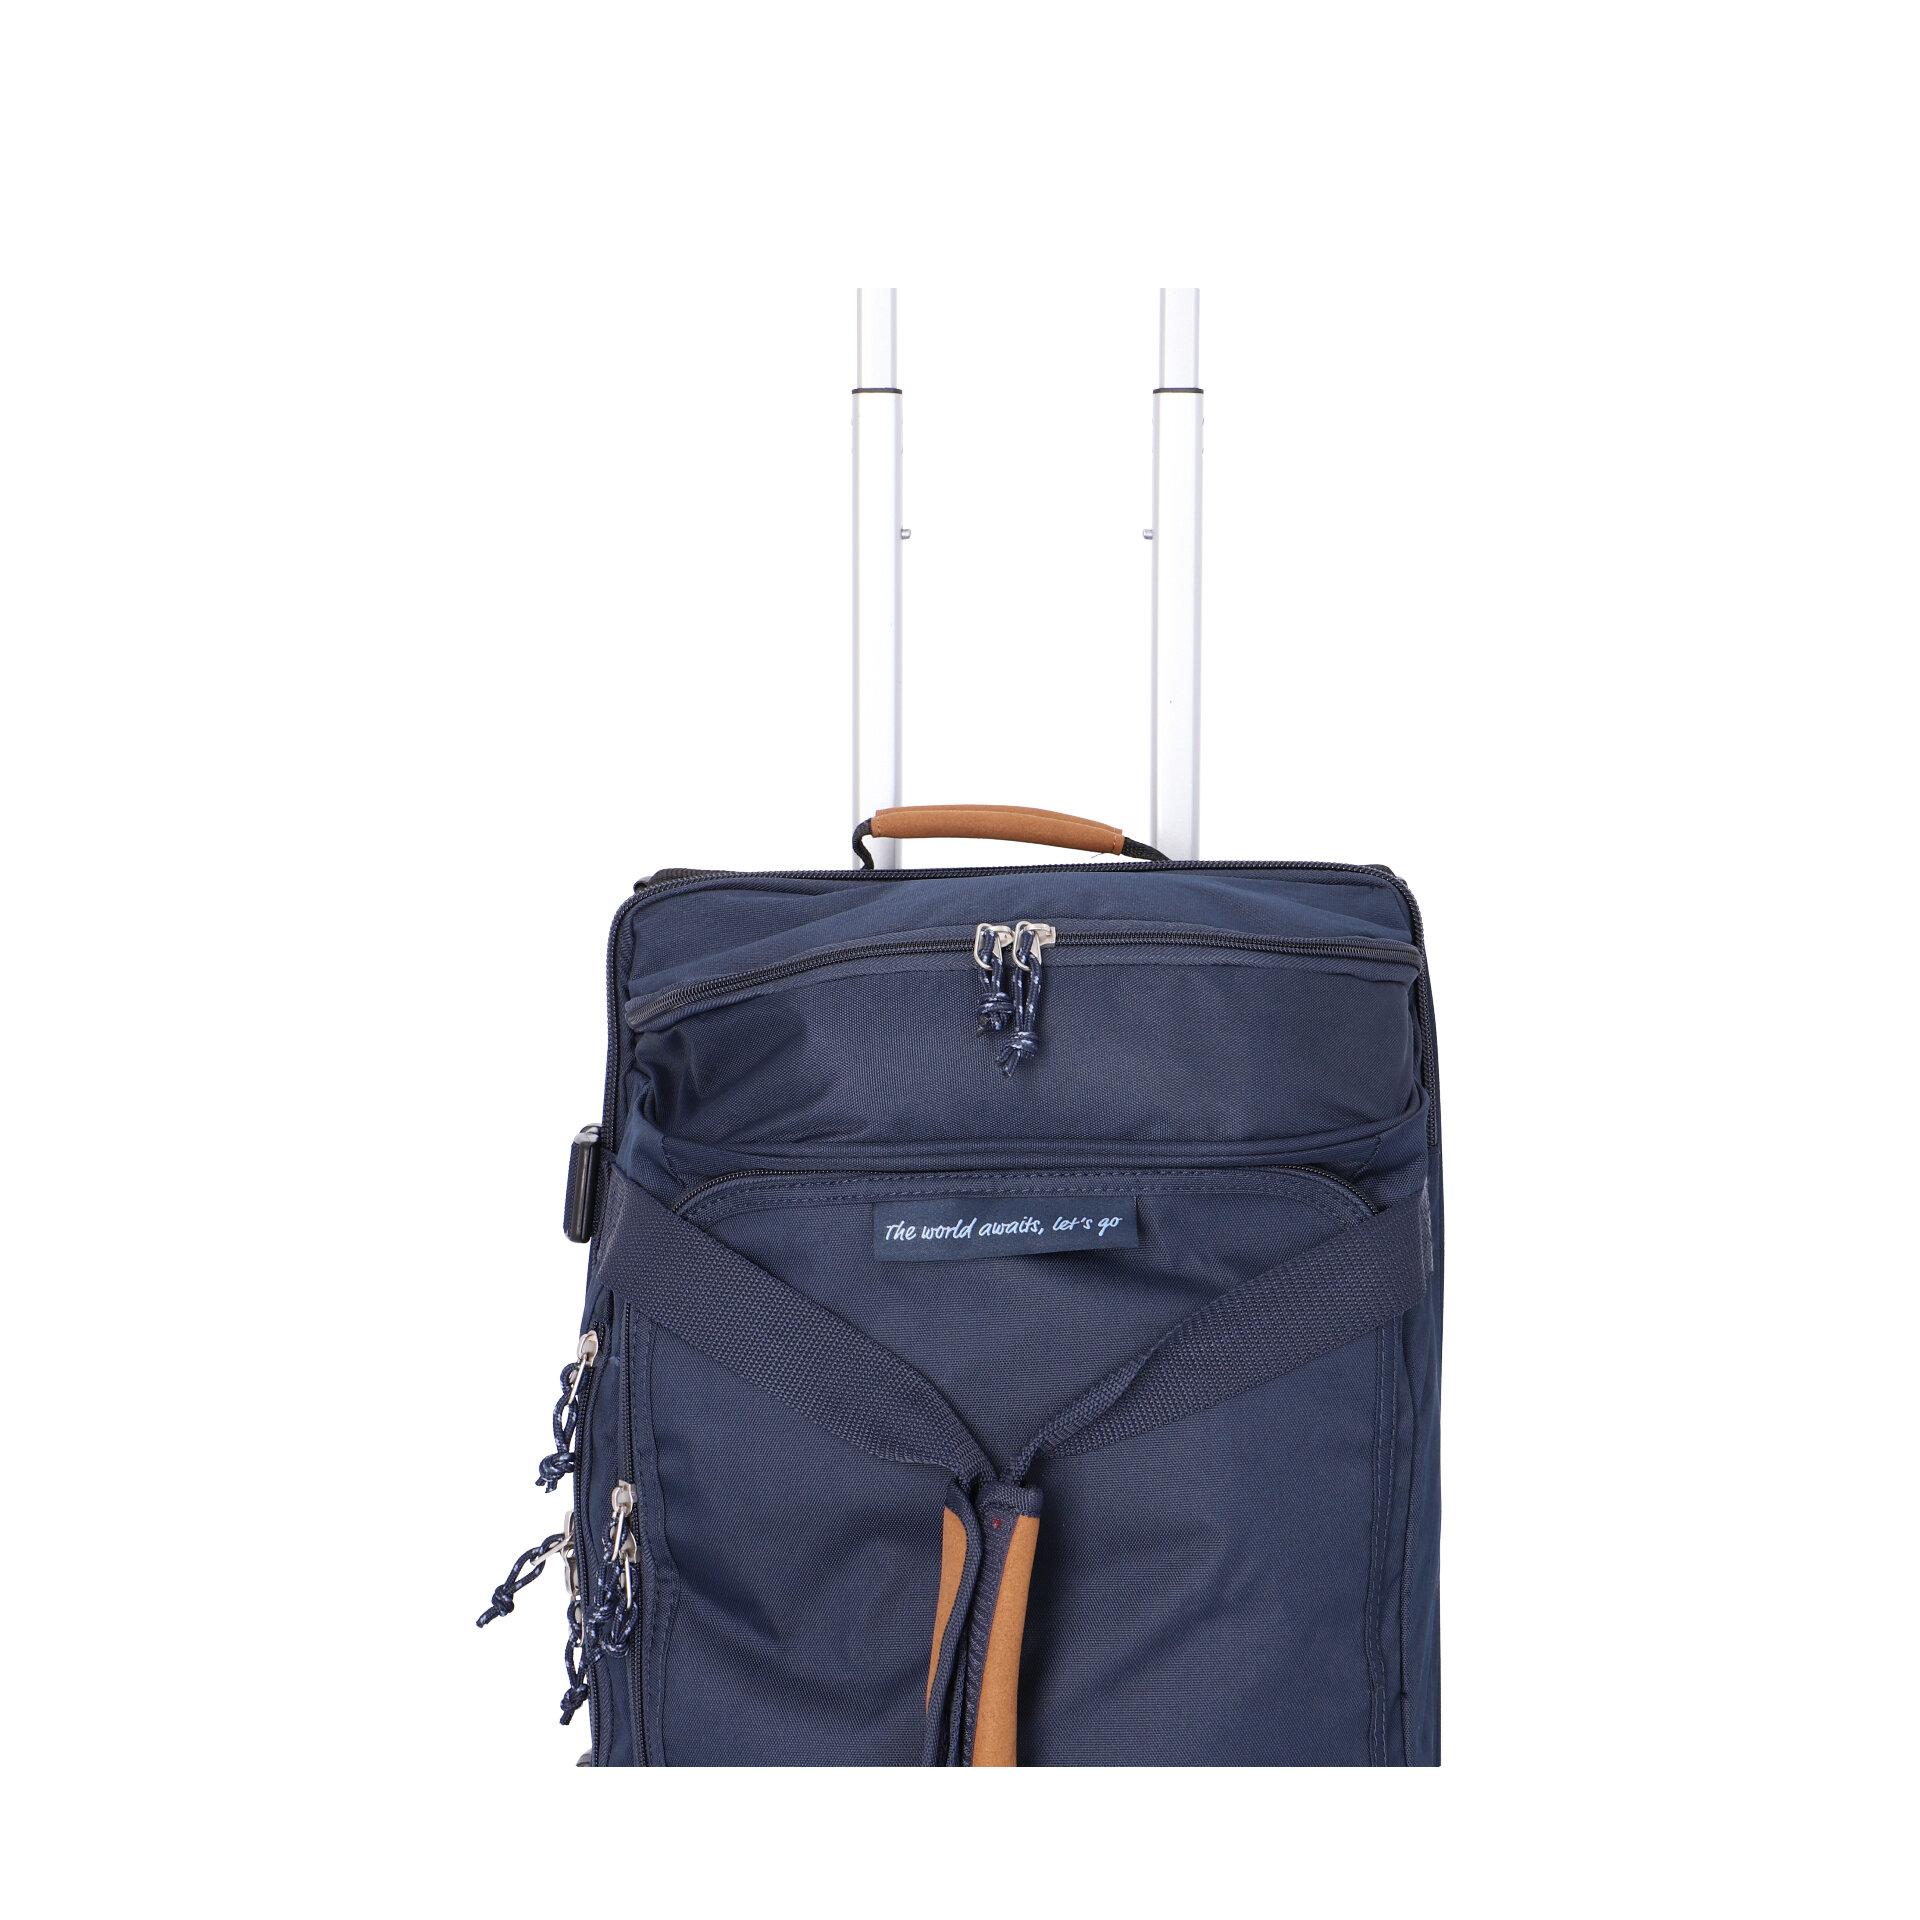 American Tourister Alltrail Reisetasche mit Rollen 55cm navy